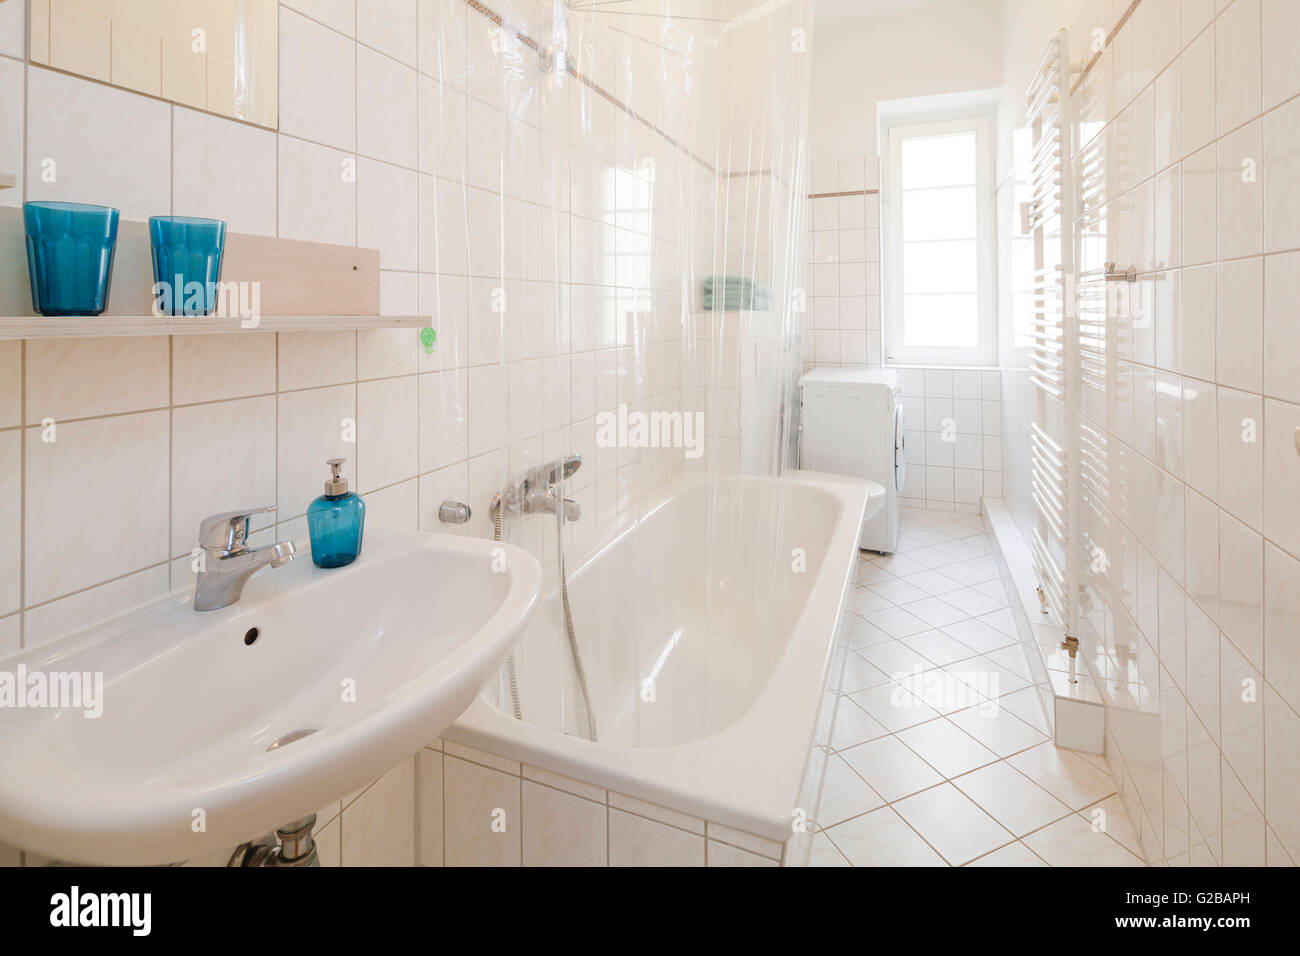 Wisbyer Strasse 59. Moderno cuarto de baño con azulejos blancos y ...